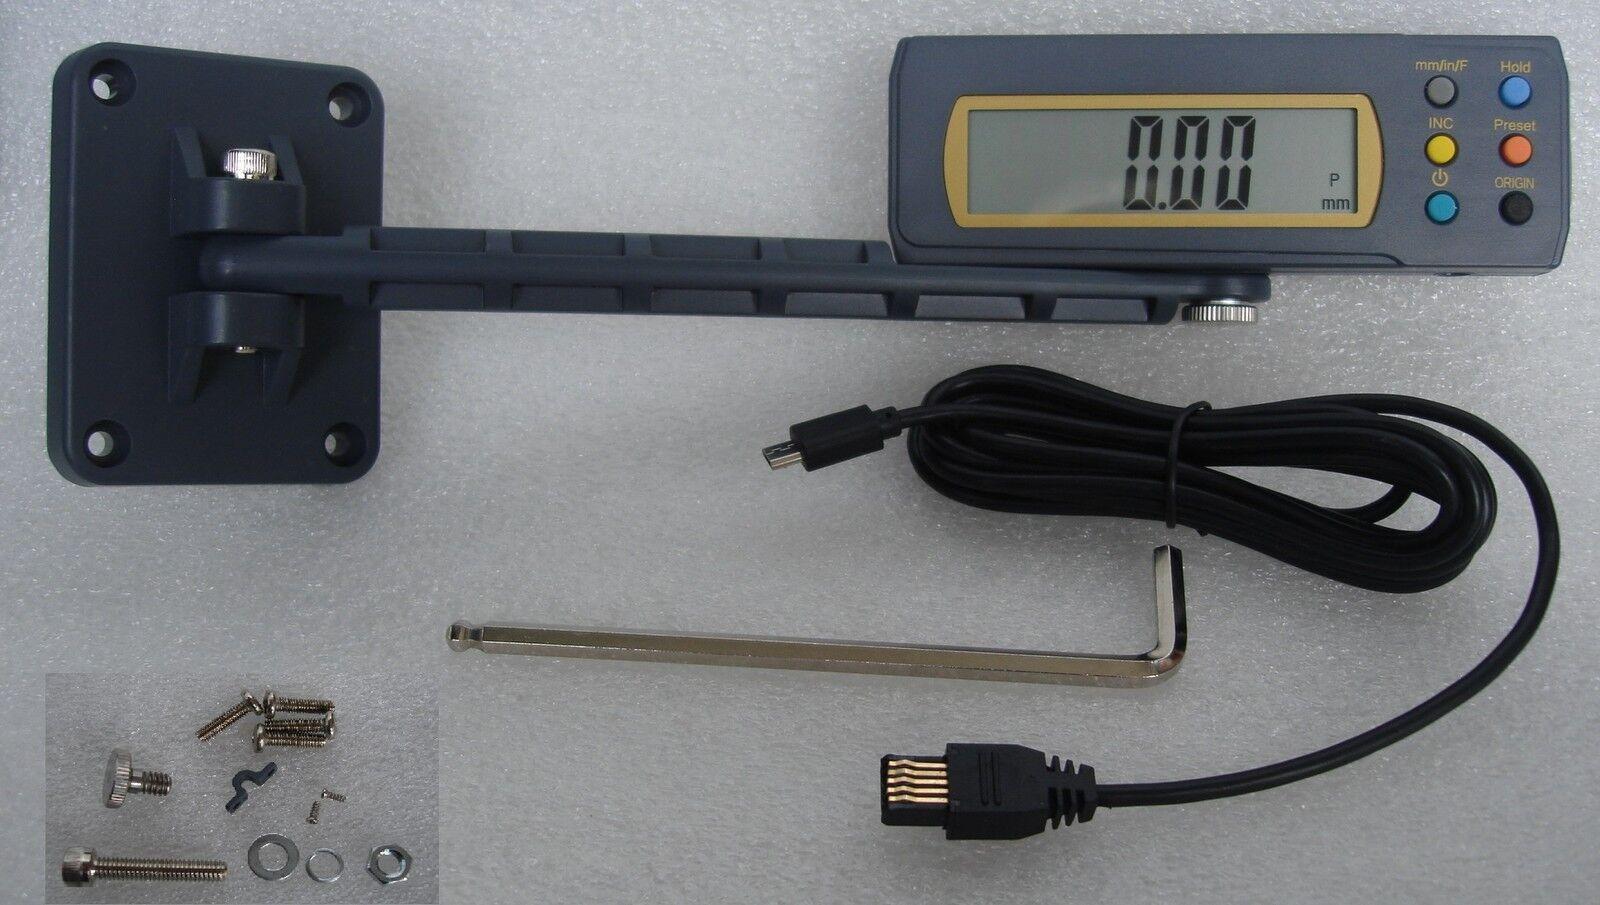 Digital-Messuhr  12,5mm - 25mm - 50mm 50mm 50mm oder 100mm oder Anzeigeeinheit | Neu  | Bestellung willkommen  | Schön In Der Farbe  | München Online Shop  4b66fa